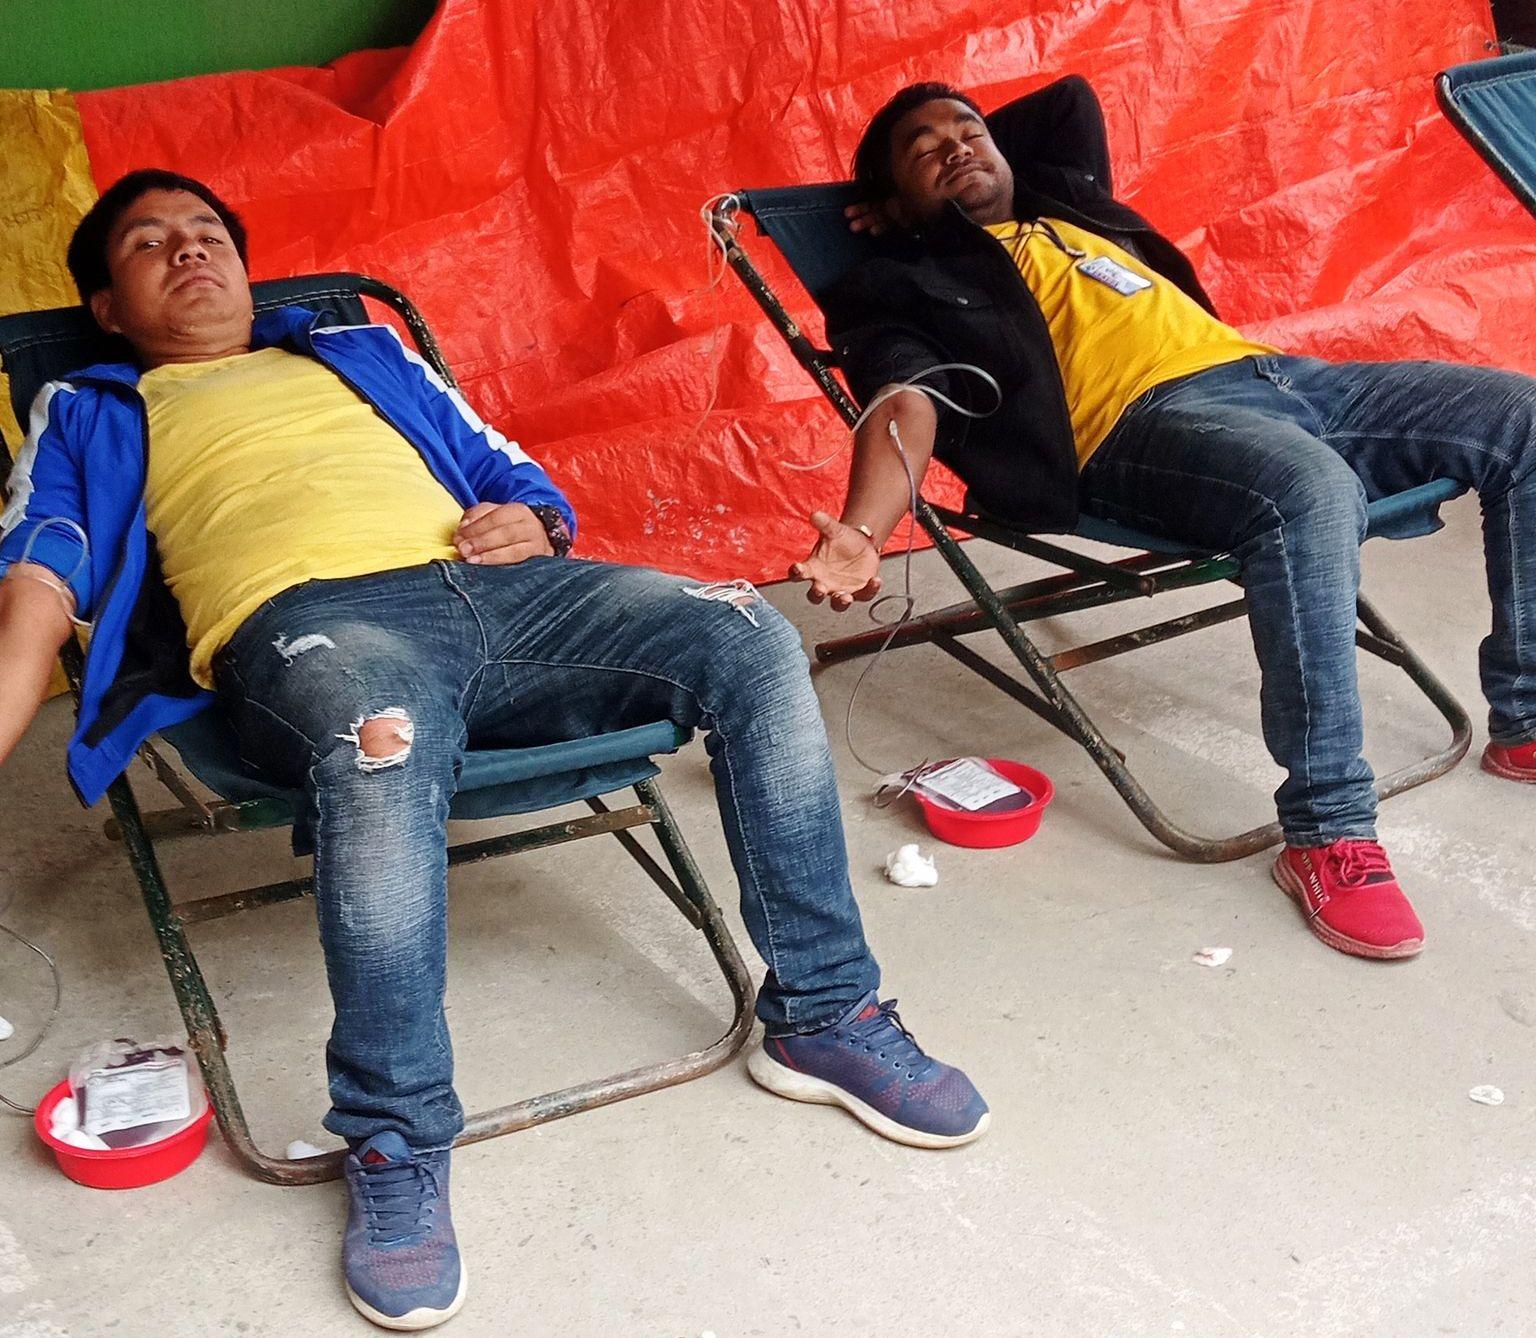 मनकामना सहकारीको रक्तदान कार्यक्रम सम्पन्न, ४३ पिन्ट रगत संकलन